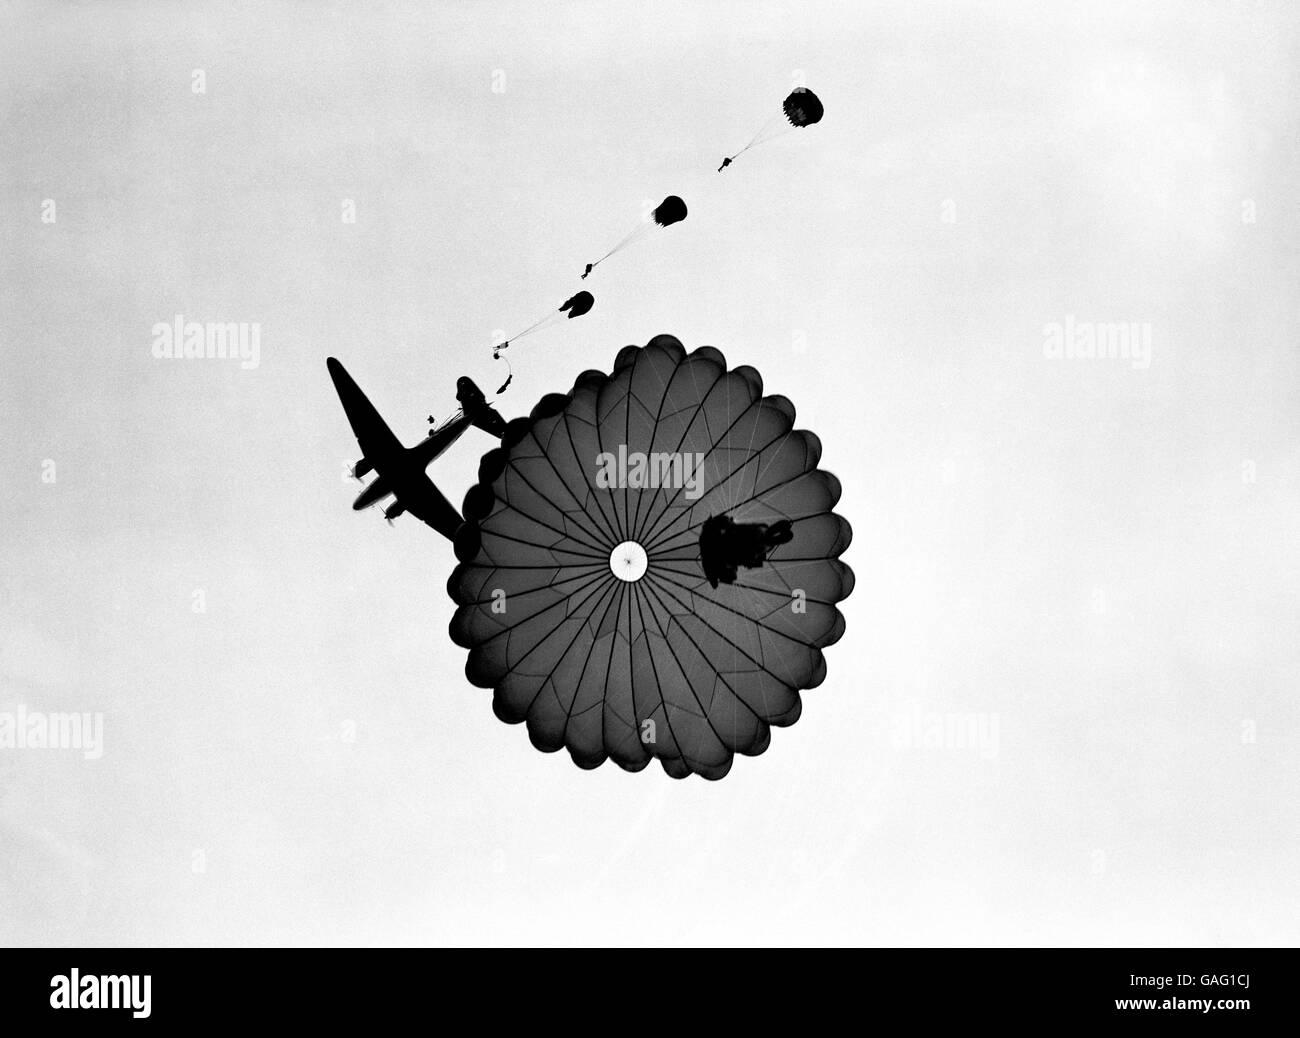 Les premières manoeuvres à grande échelle à être tenues par les forces aériennes depuis la guerre, à Netheravon, Wilts. L'opération, connue sous le nom d'« exercice Longstop », implique la capture de l'air de l'aérodrome de Netheravon par environ 700 000 parachutistes. Banque D'Images